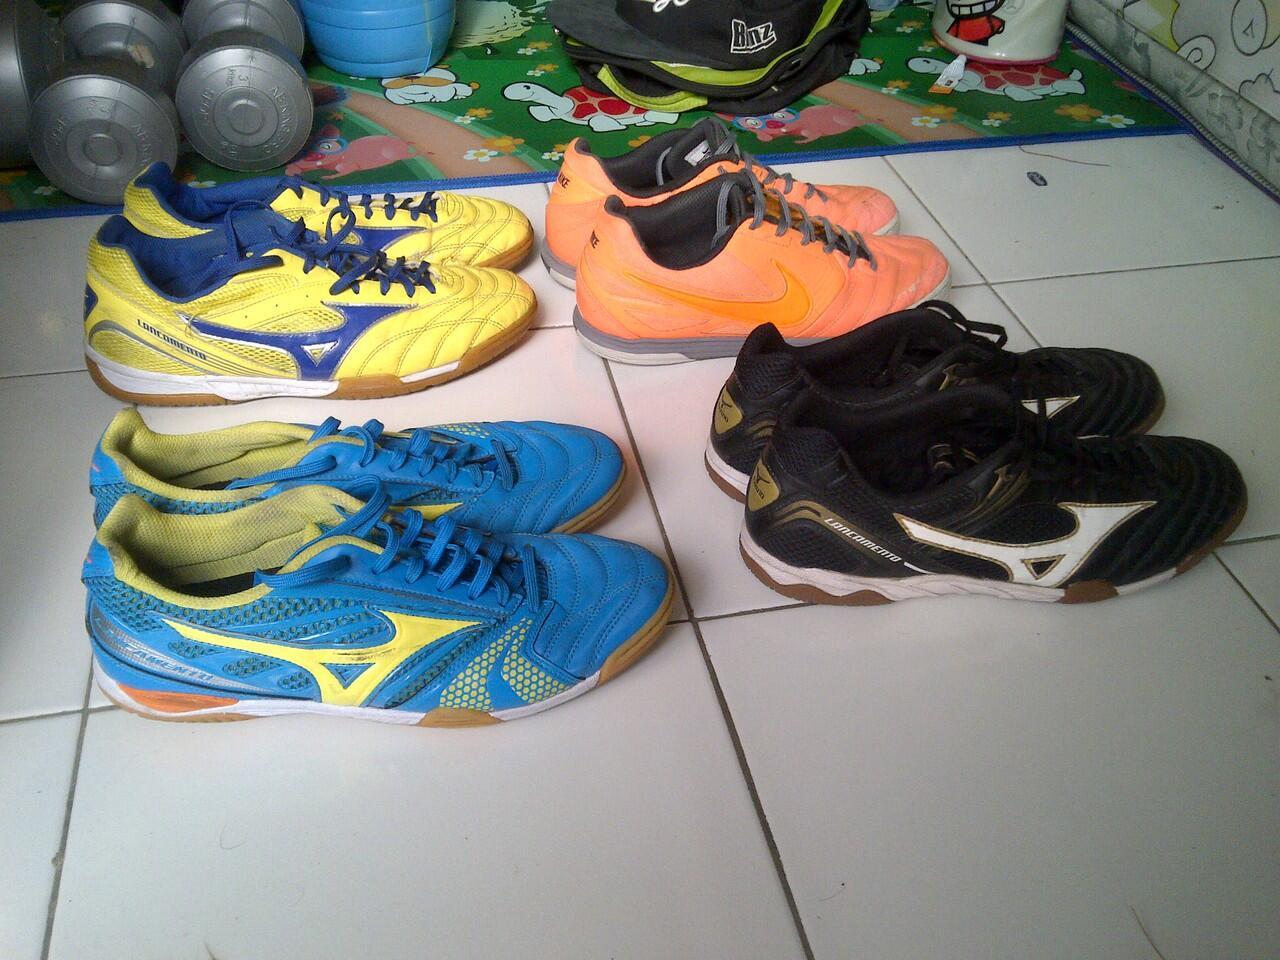 Jual Sepatu futsal Mizuno dan Nike Lunar Gato koleksi pribadi